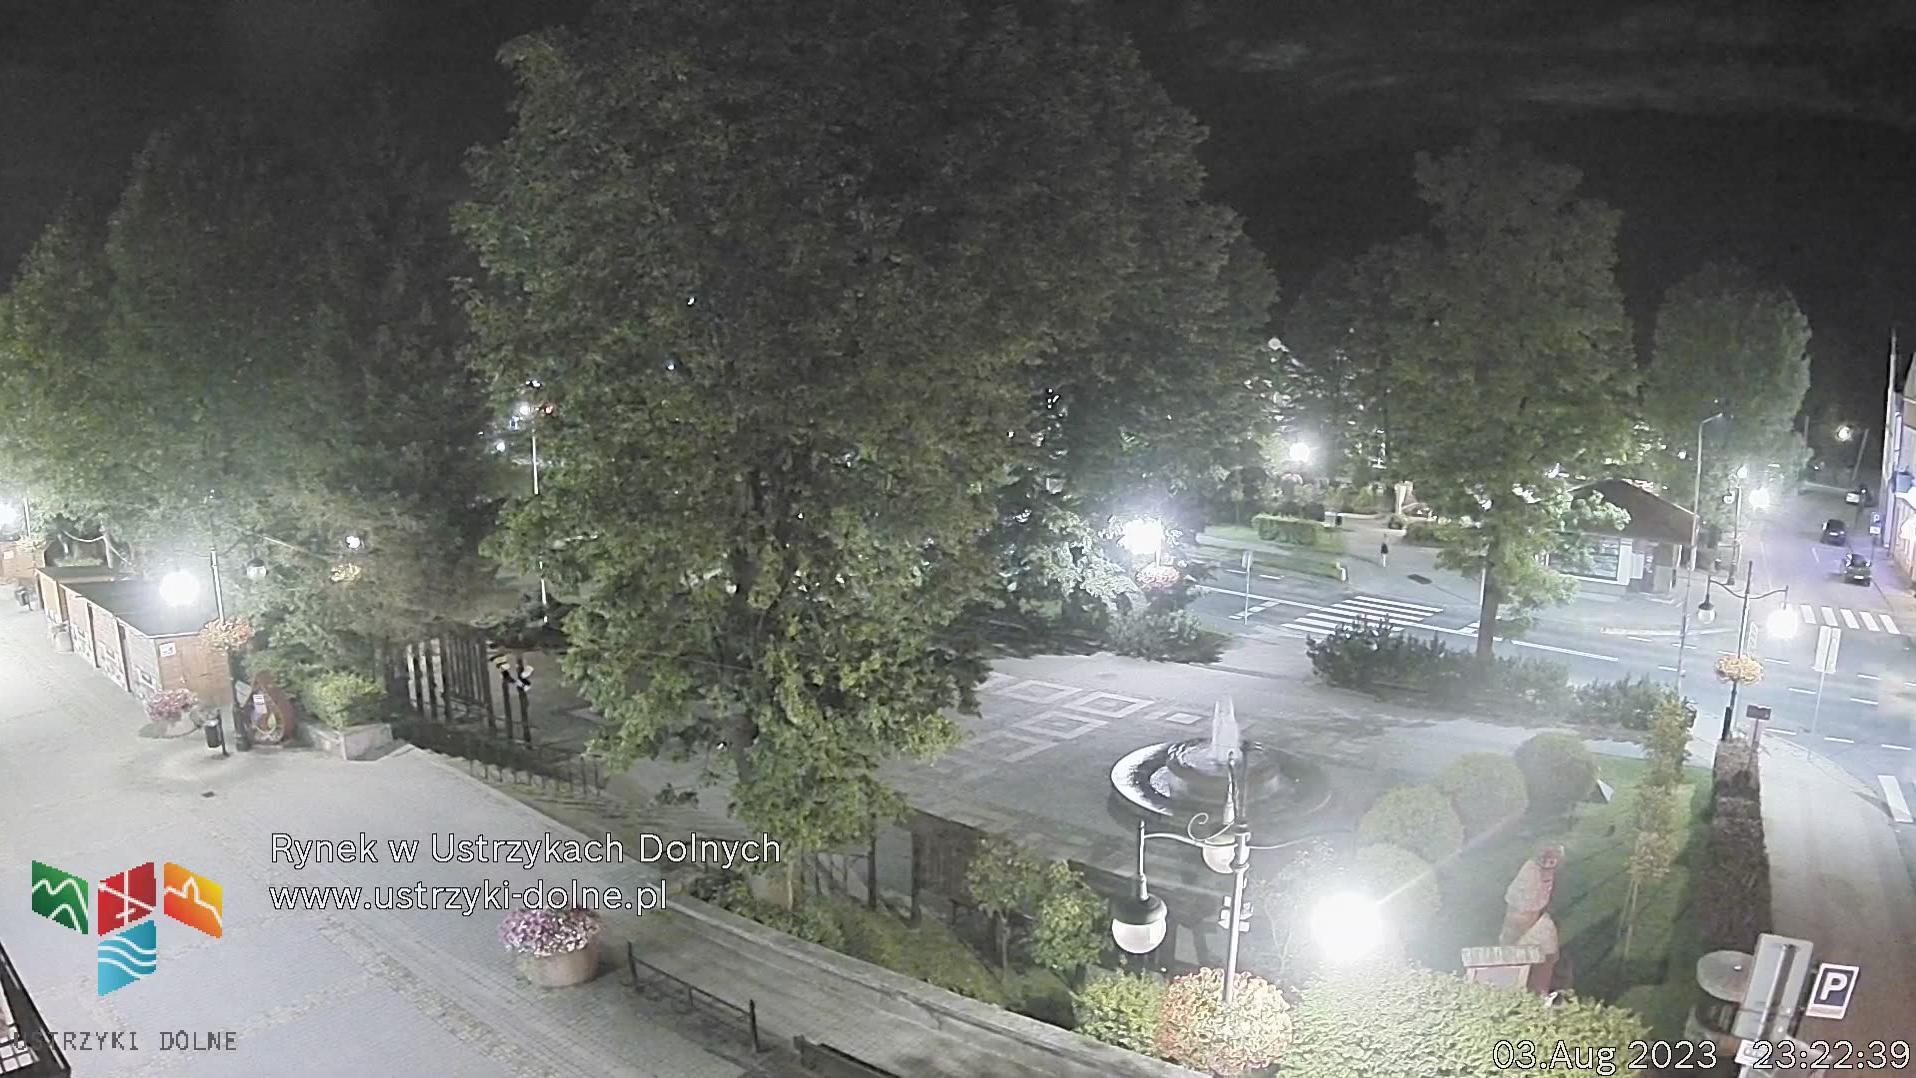 Webcam Ustrzyki Dolne: Market square